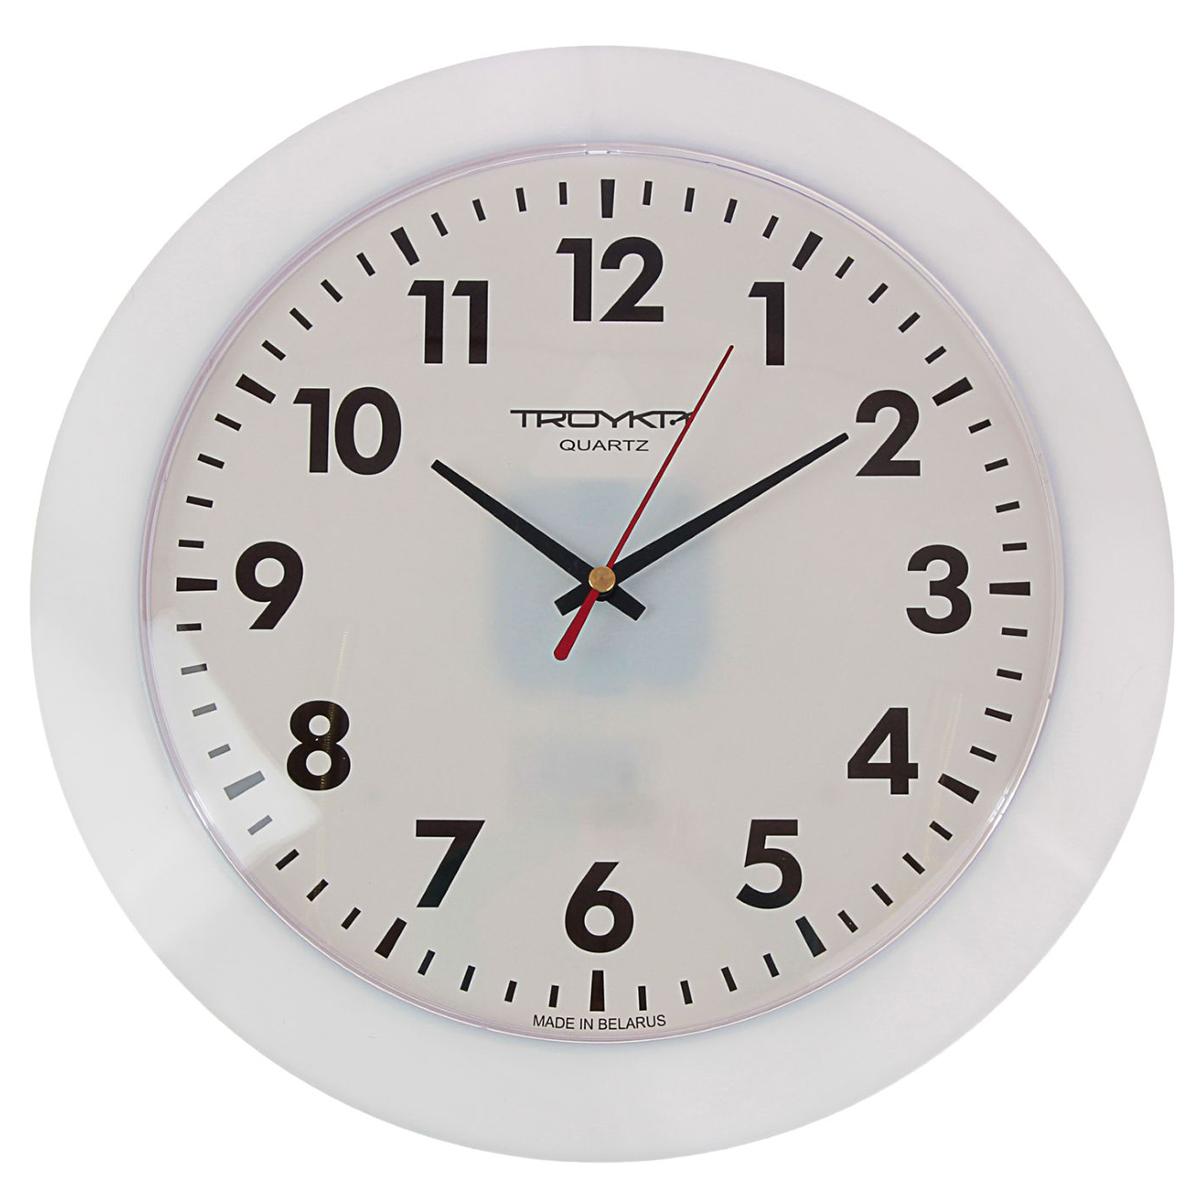 """Часы настенные круглые """"Ритм времени"""", d=30,5 см, белые — сувенир в полном смысле этого слова. И главная его задача — хранить воспоминание о месте, где вы побывали, или о том человеке, который подарил данный предмет. Преподнесите эту вещь своему другу, и она станет достойным украшением его дома. Каждому хозяину периодически приходит мысль обновить свою квартиру, сделать ремонт, перестановку или кардинально поменять внешний вид каждой комнаты. Часы настенные круглые """"Ритм времени"""", d=30,5 см, белые — привлекательная деталь, которая поможет воплотить вашу интерьерную идею, создать неповторимую атмосферу в вашем доме. Окружите себя приятными мелочами, пусть они радуют глаз и дарят гармонию.Часы настенные круглые """"Классика"""", пластик кольцо, 30,5 см 1229872"""